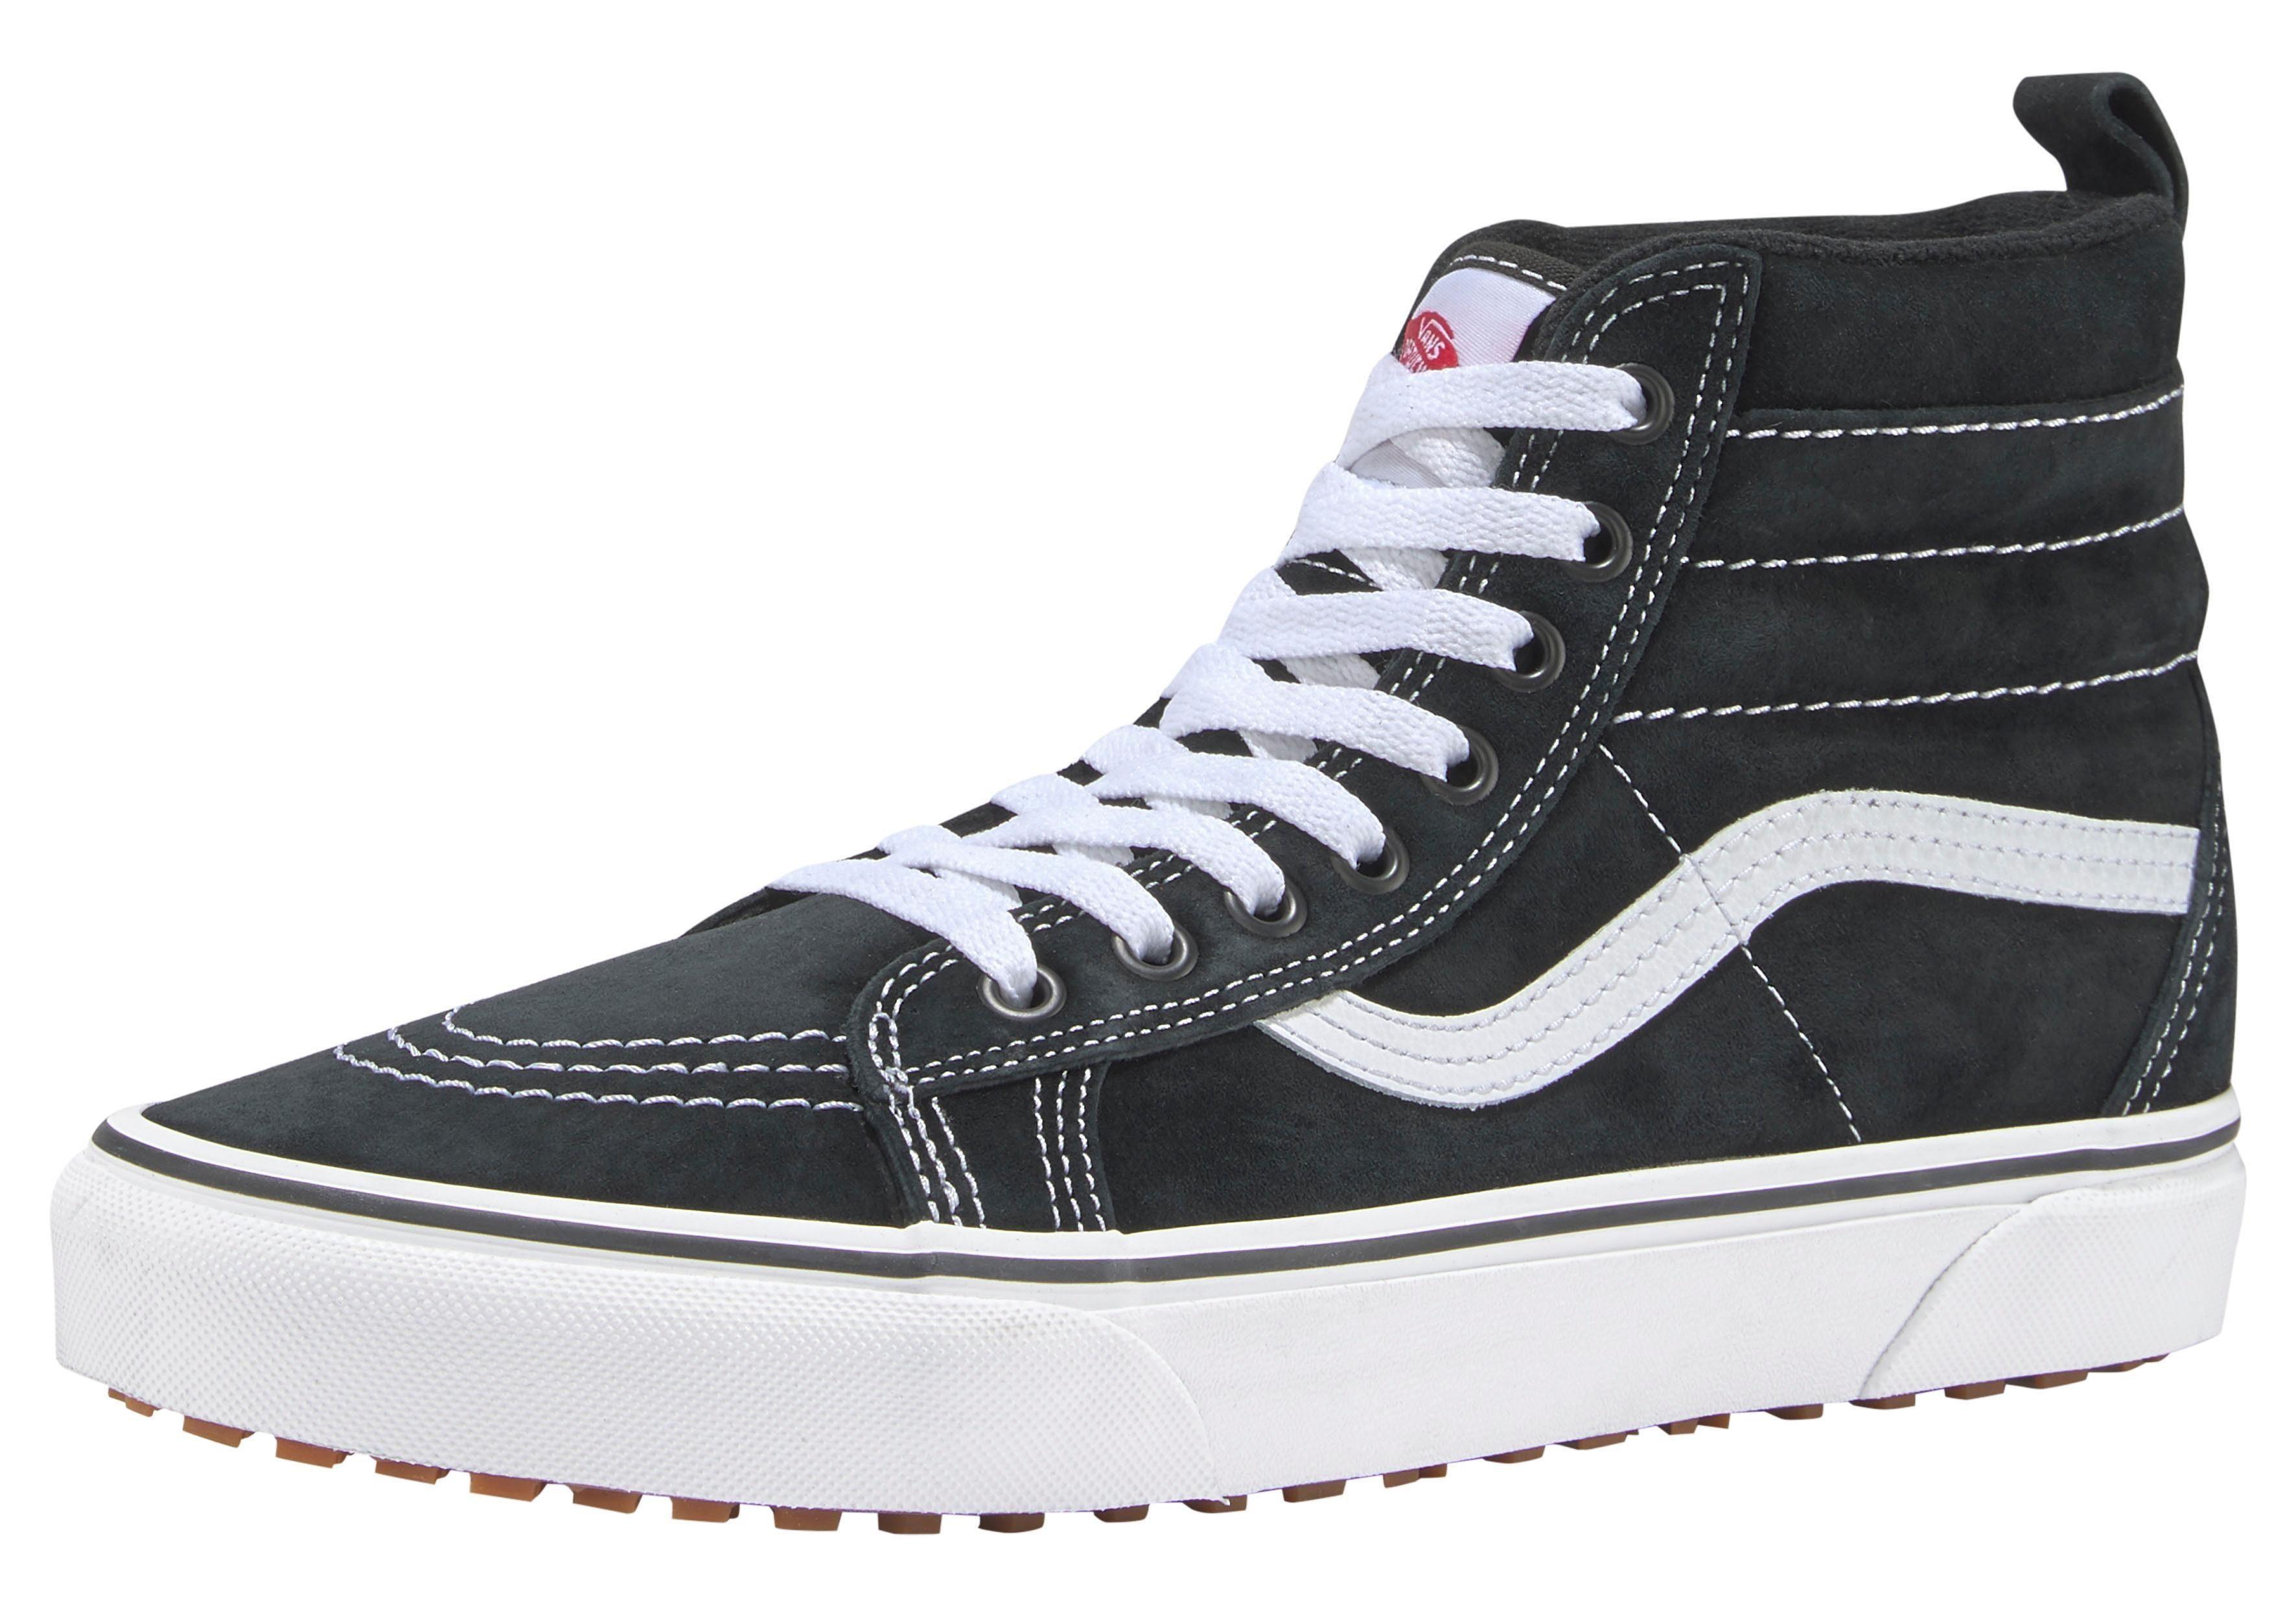 Vans »SK8 Hi« Sneaker, Zuglasche für einen einfachen Einstieg online kaufen | OTTO